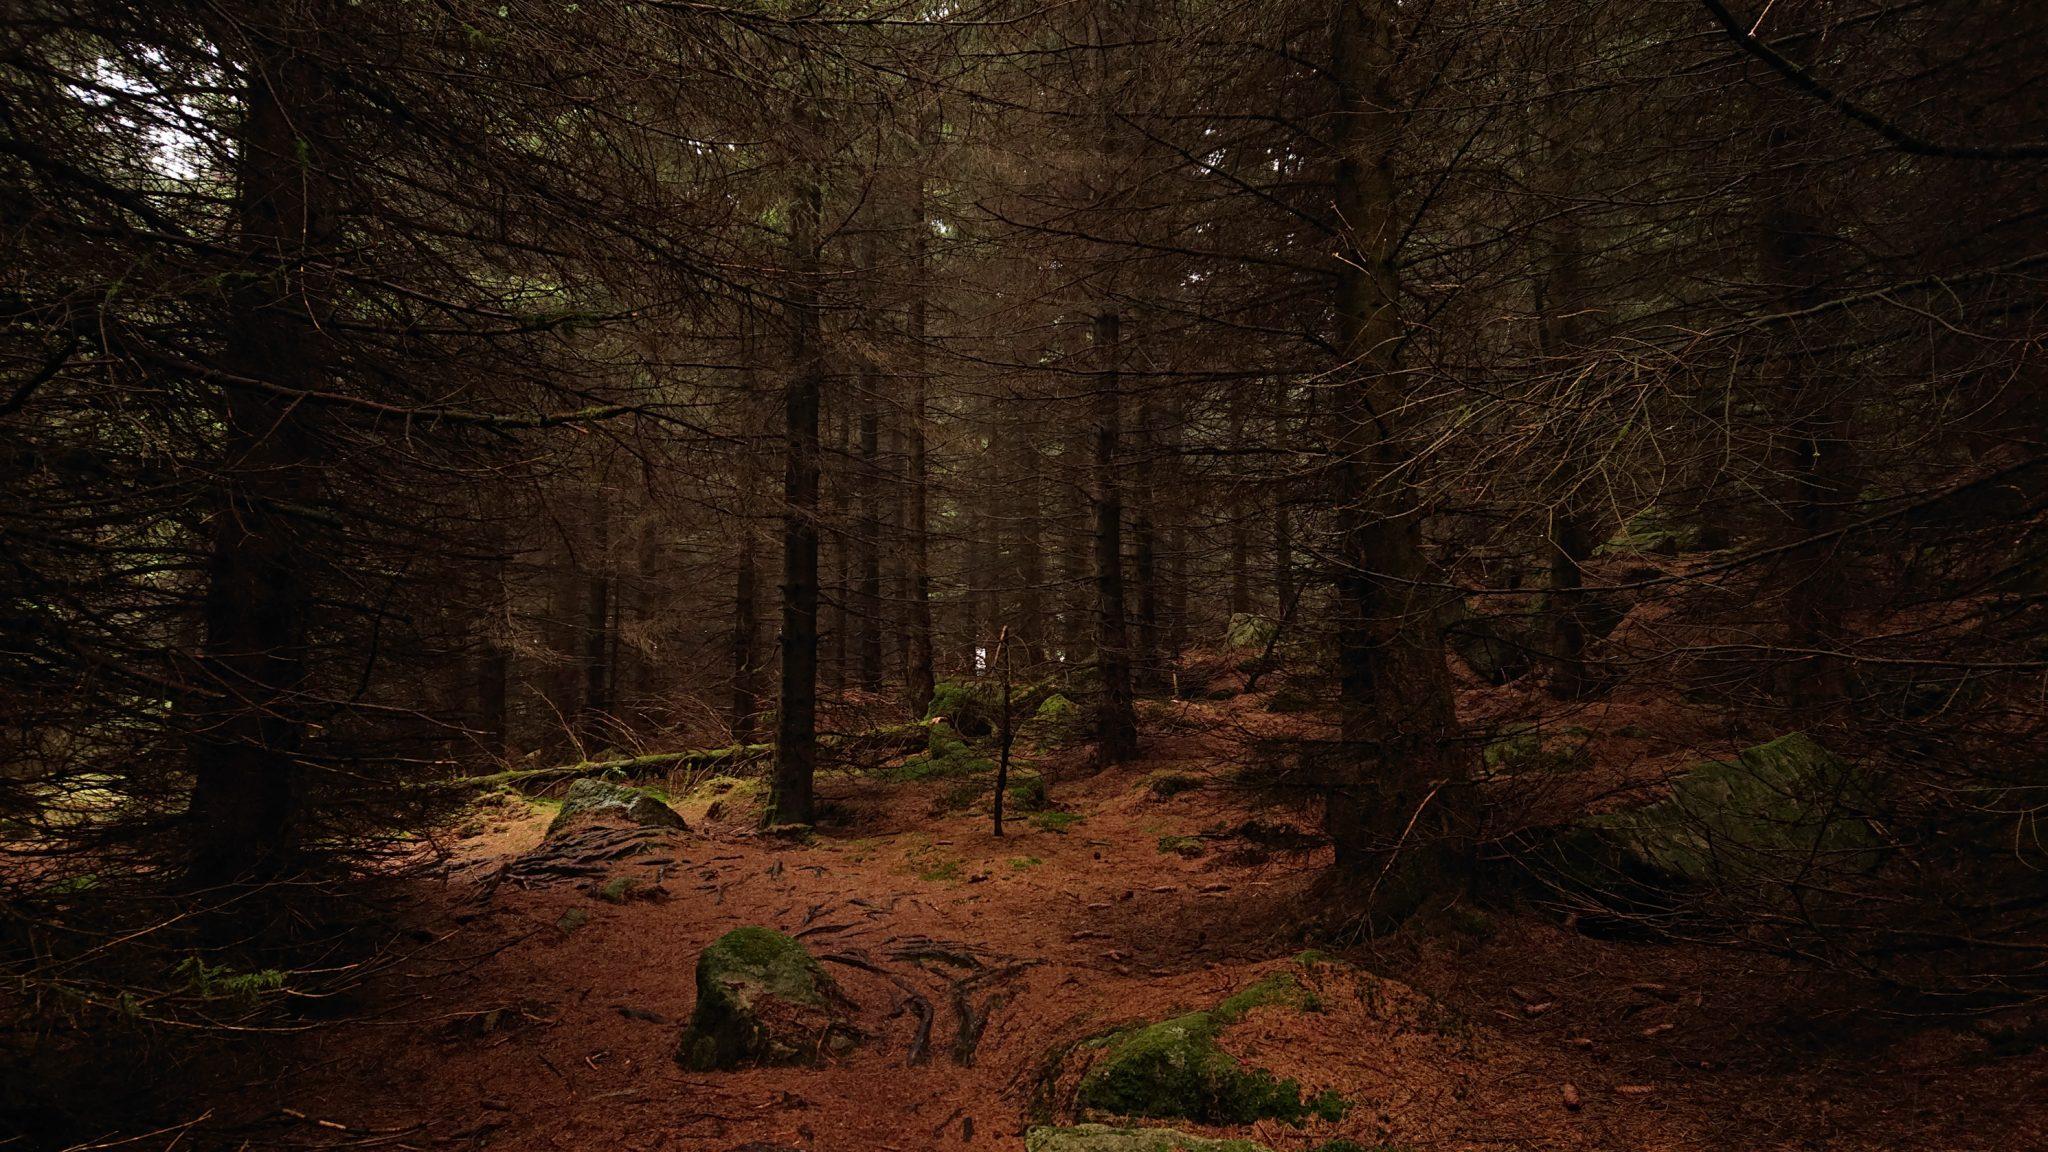 Wanderung Brocken über Heinrich-Heine-Weg Start in Ilsenburg, Nationalpark Harz